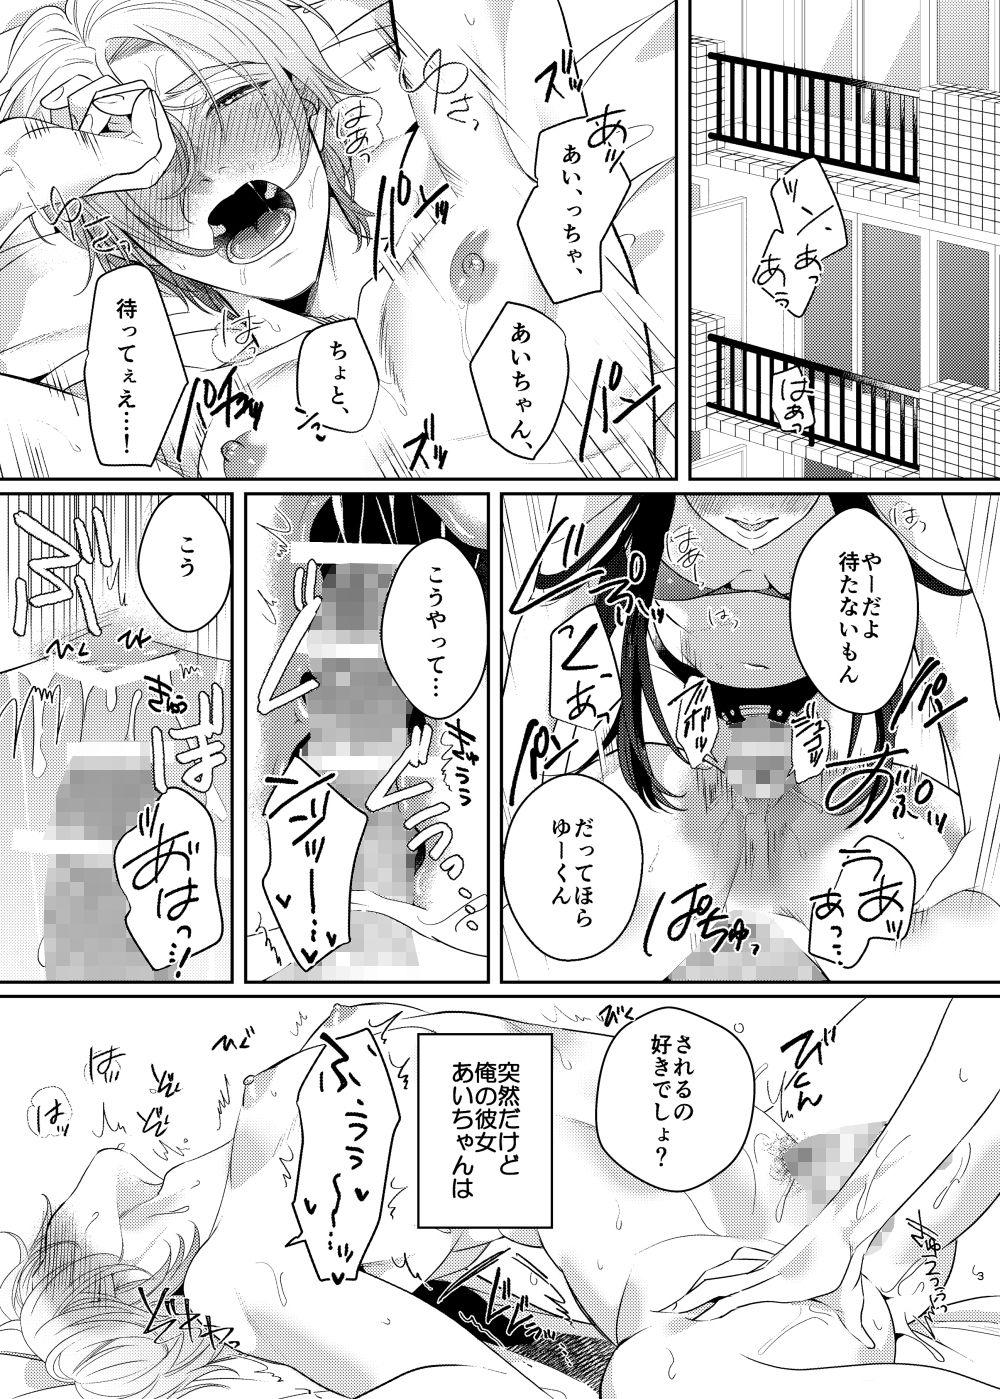 【ドメスティック・ミキサー 同人】ぺニバン女子とメス男子